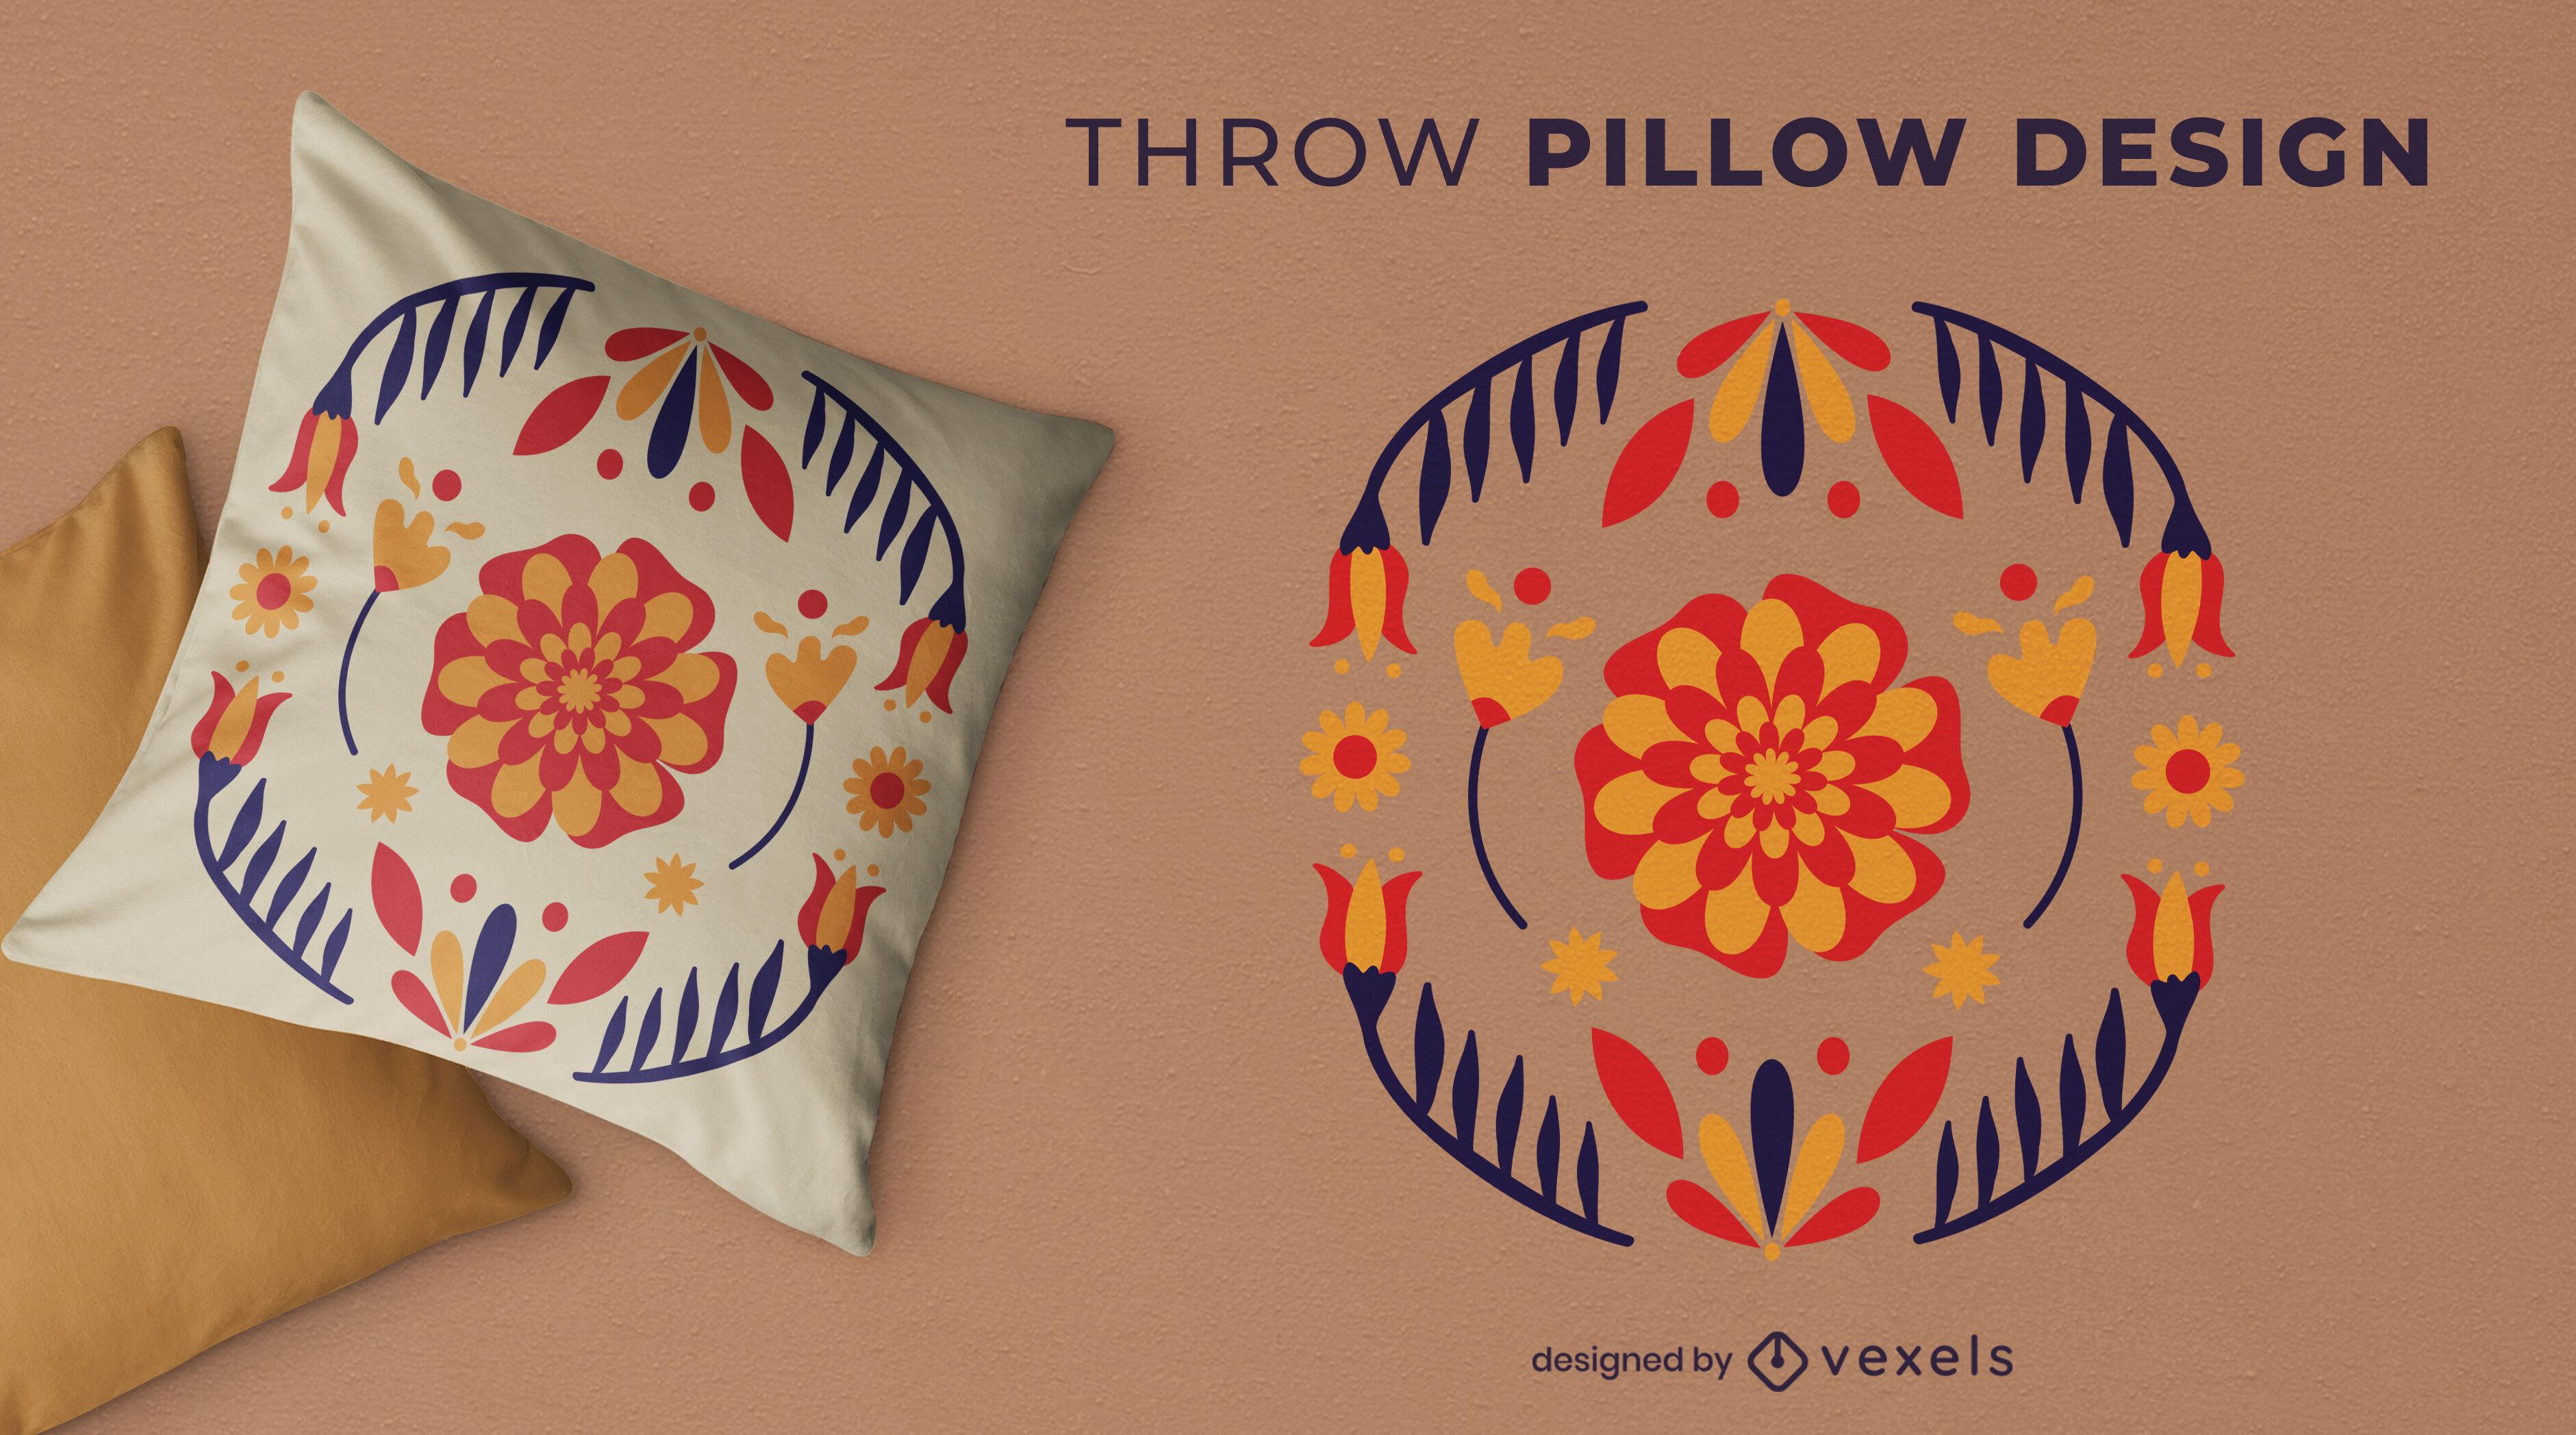 Design de almofada com flores espelhadas